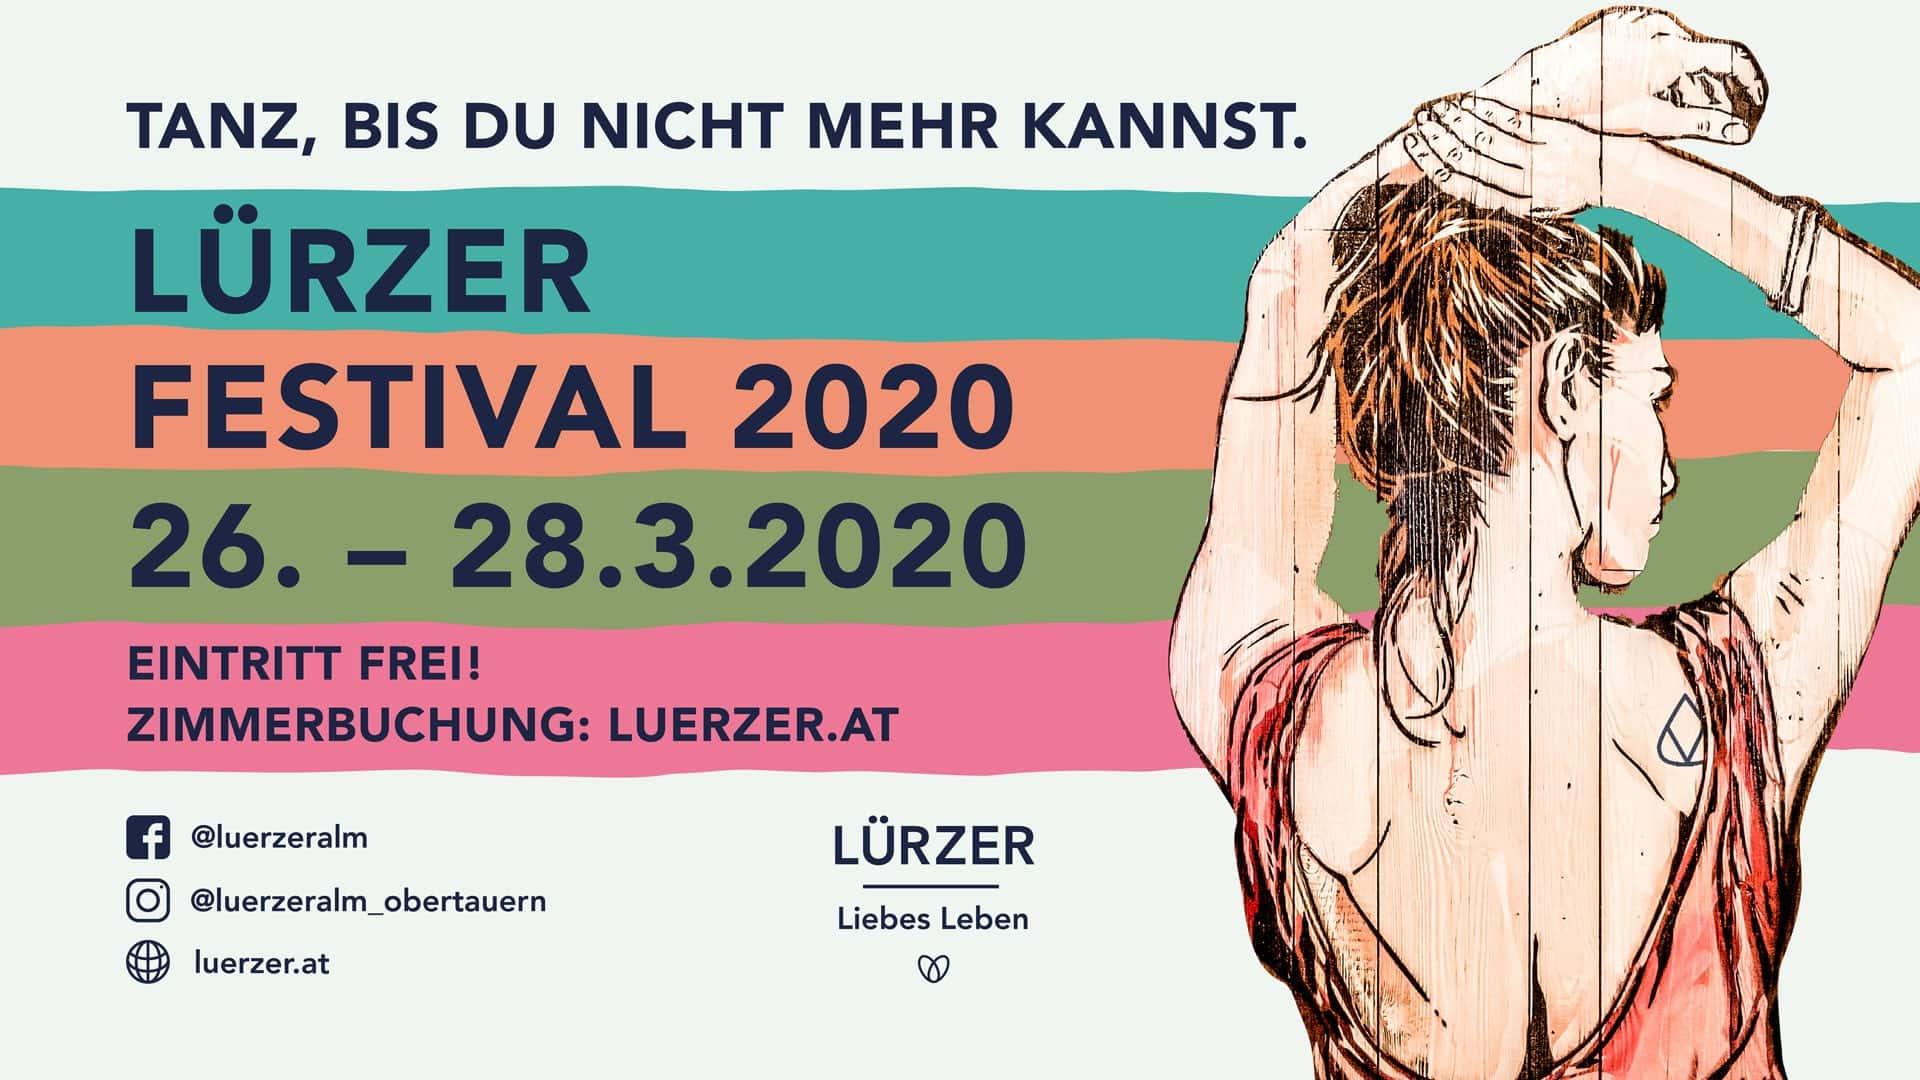 LUE Festival 2020 Bildschirm 1920x1080 1 - Lürzer Festival 2020